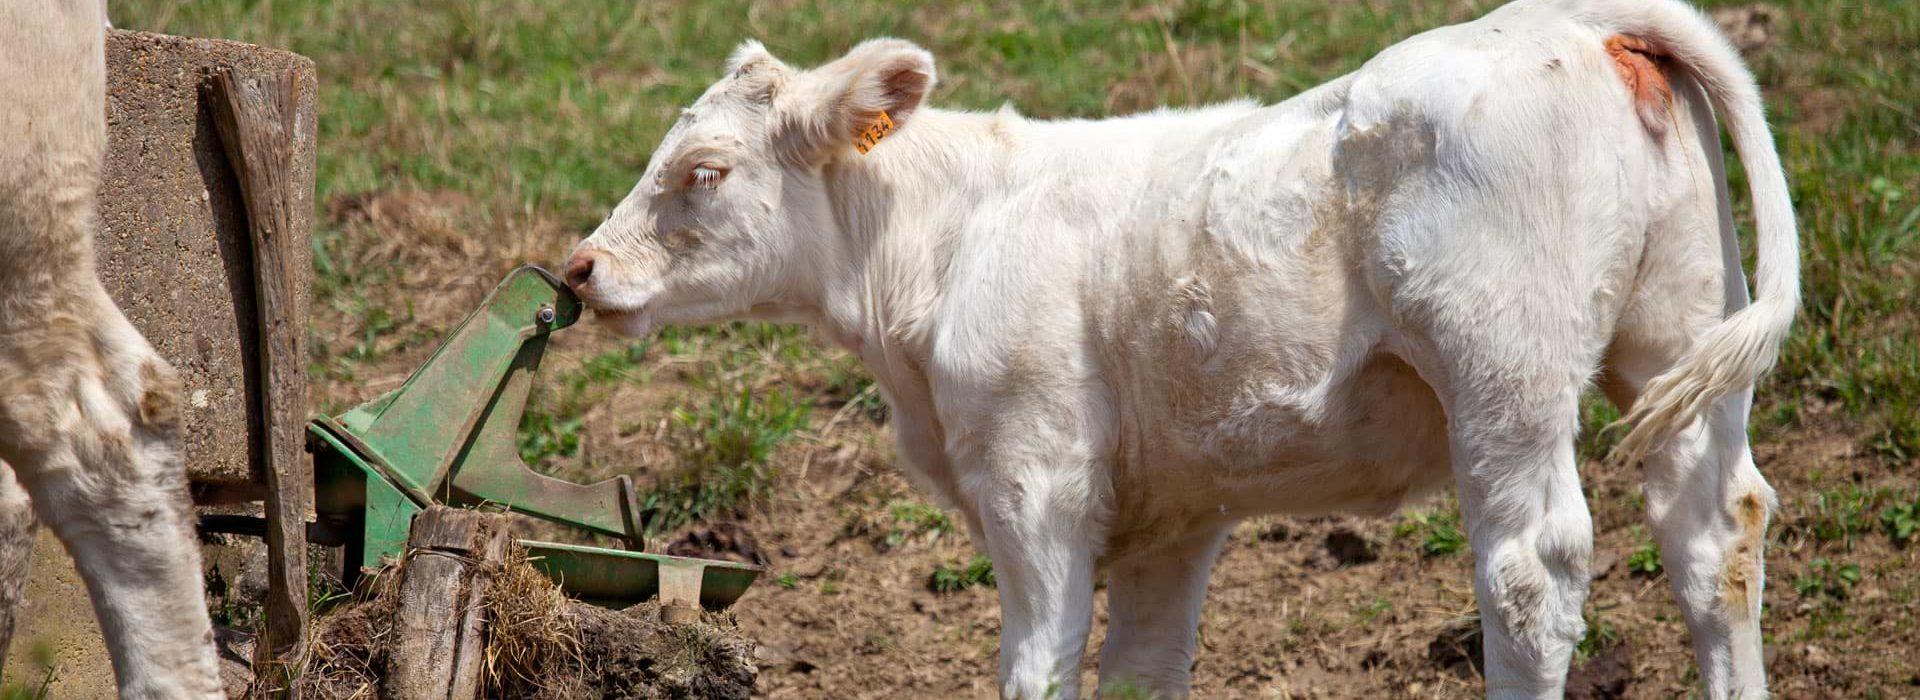 Zuchttiere zur Fleischproduktion